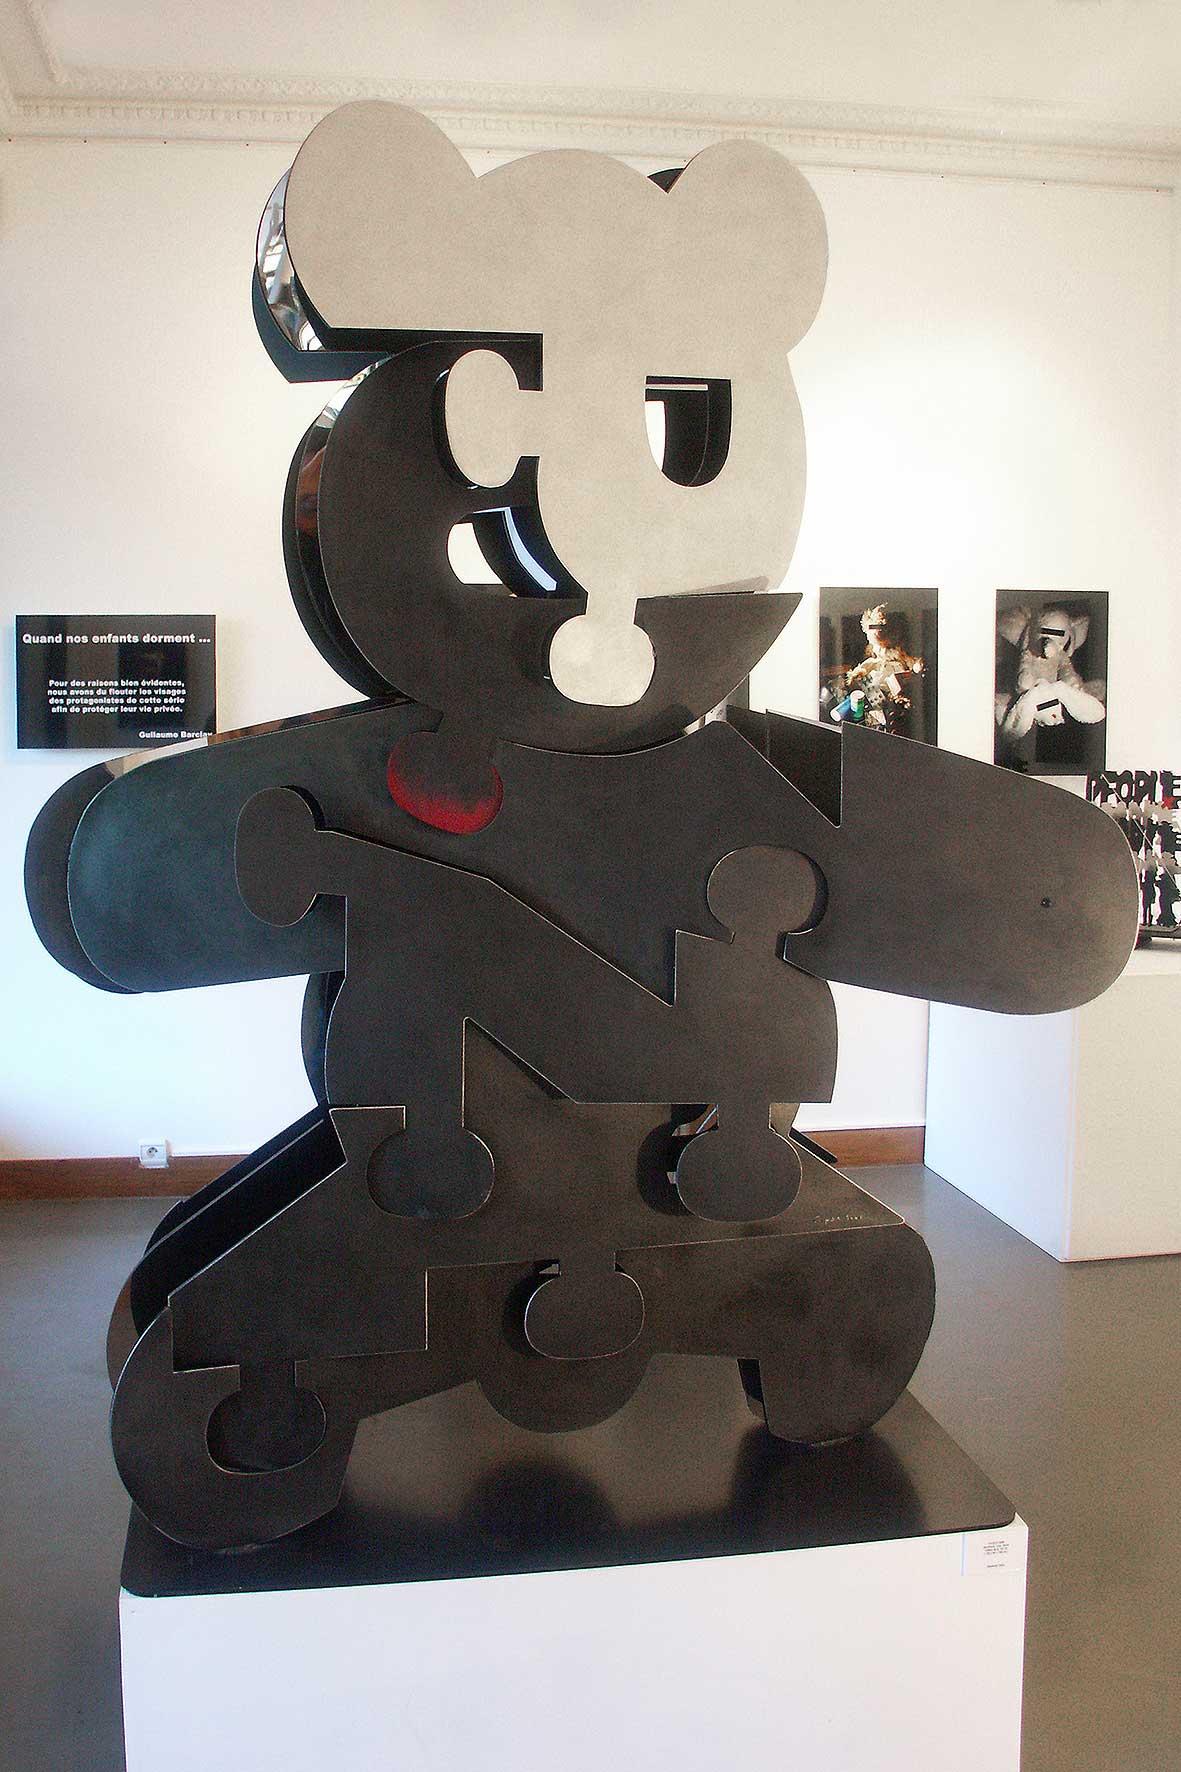 Puzzle  (2005) |aluminium, inox miroir | 190 x 150 x 70 cm | oeuvre originale